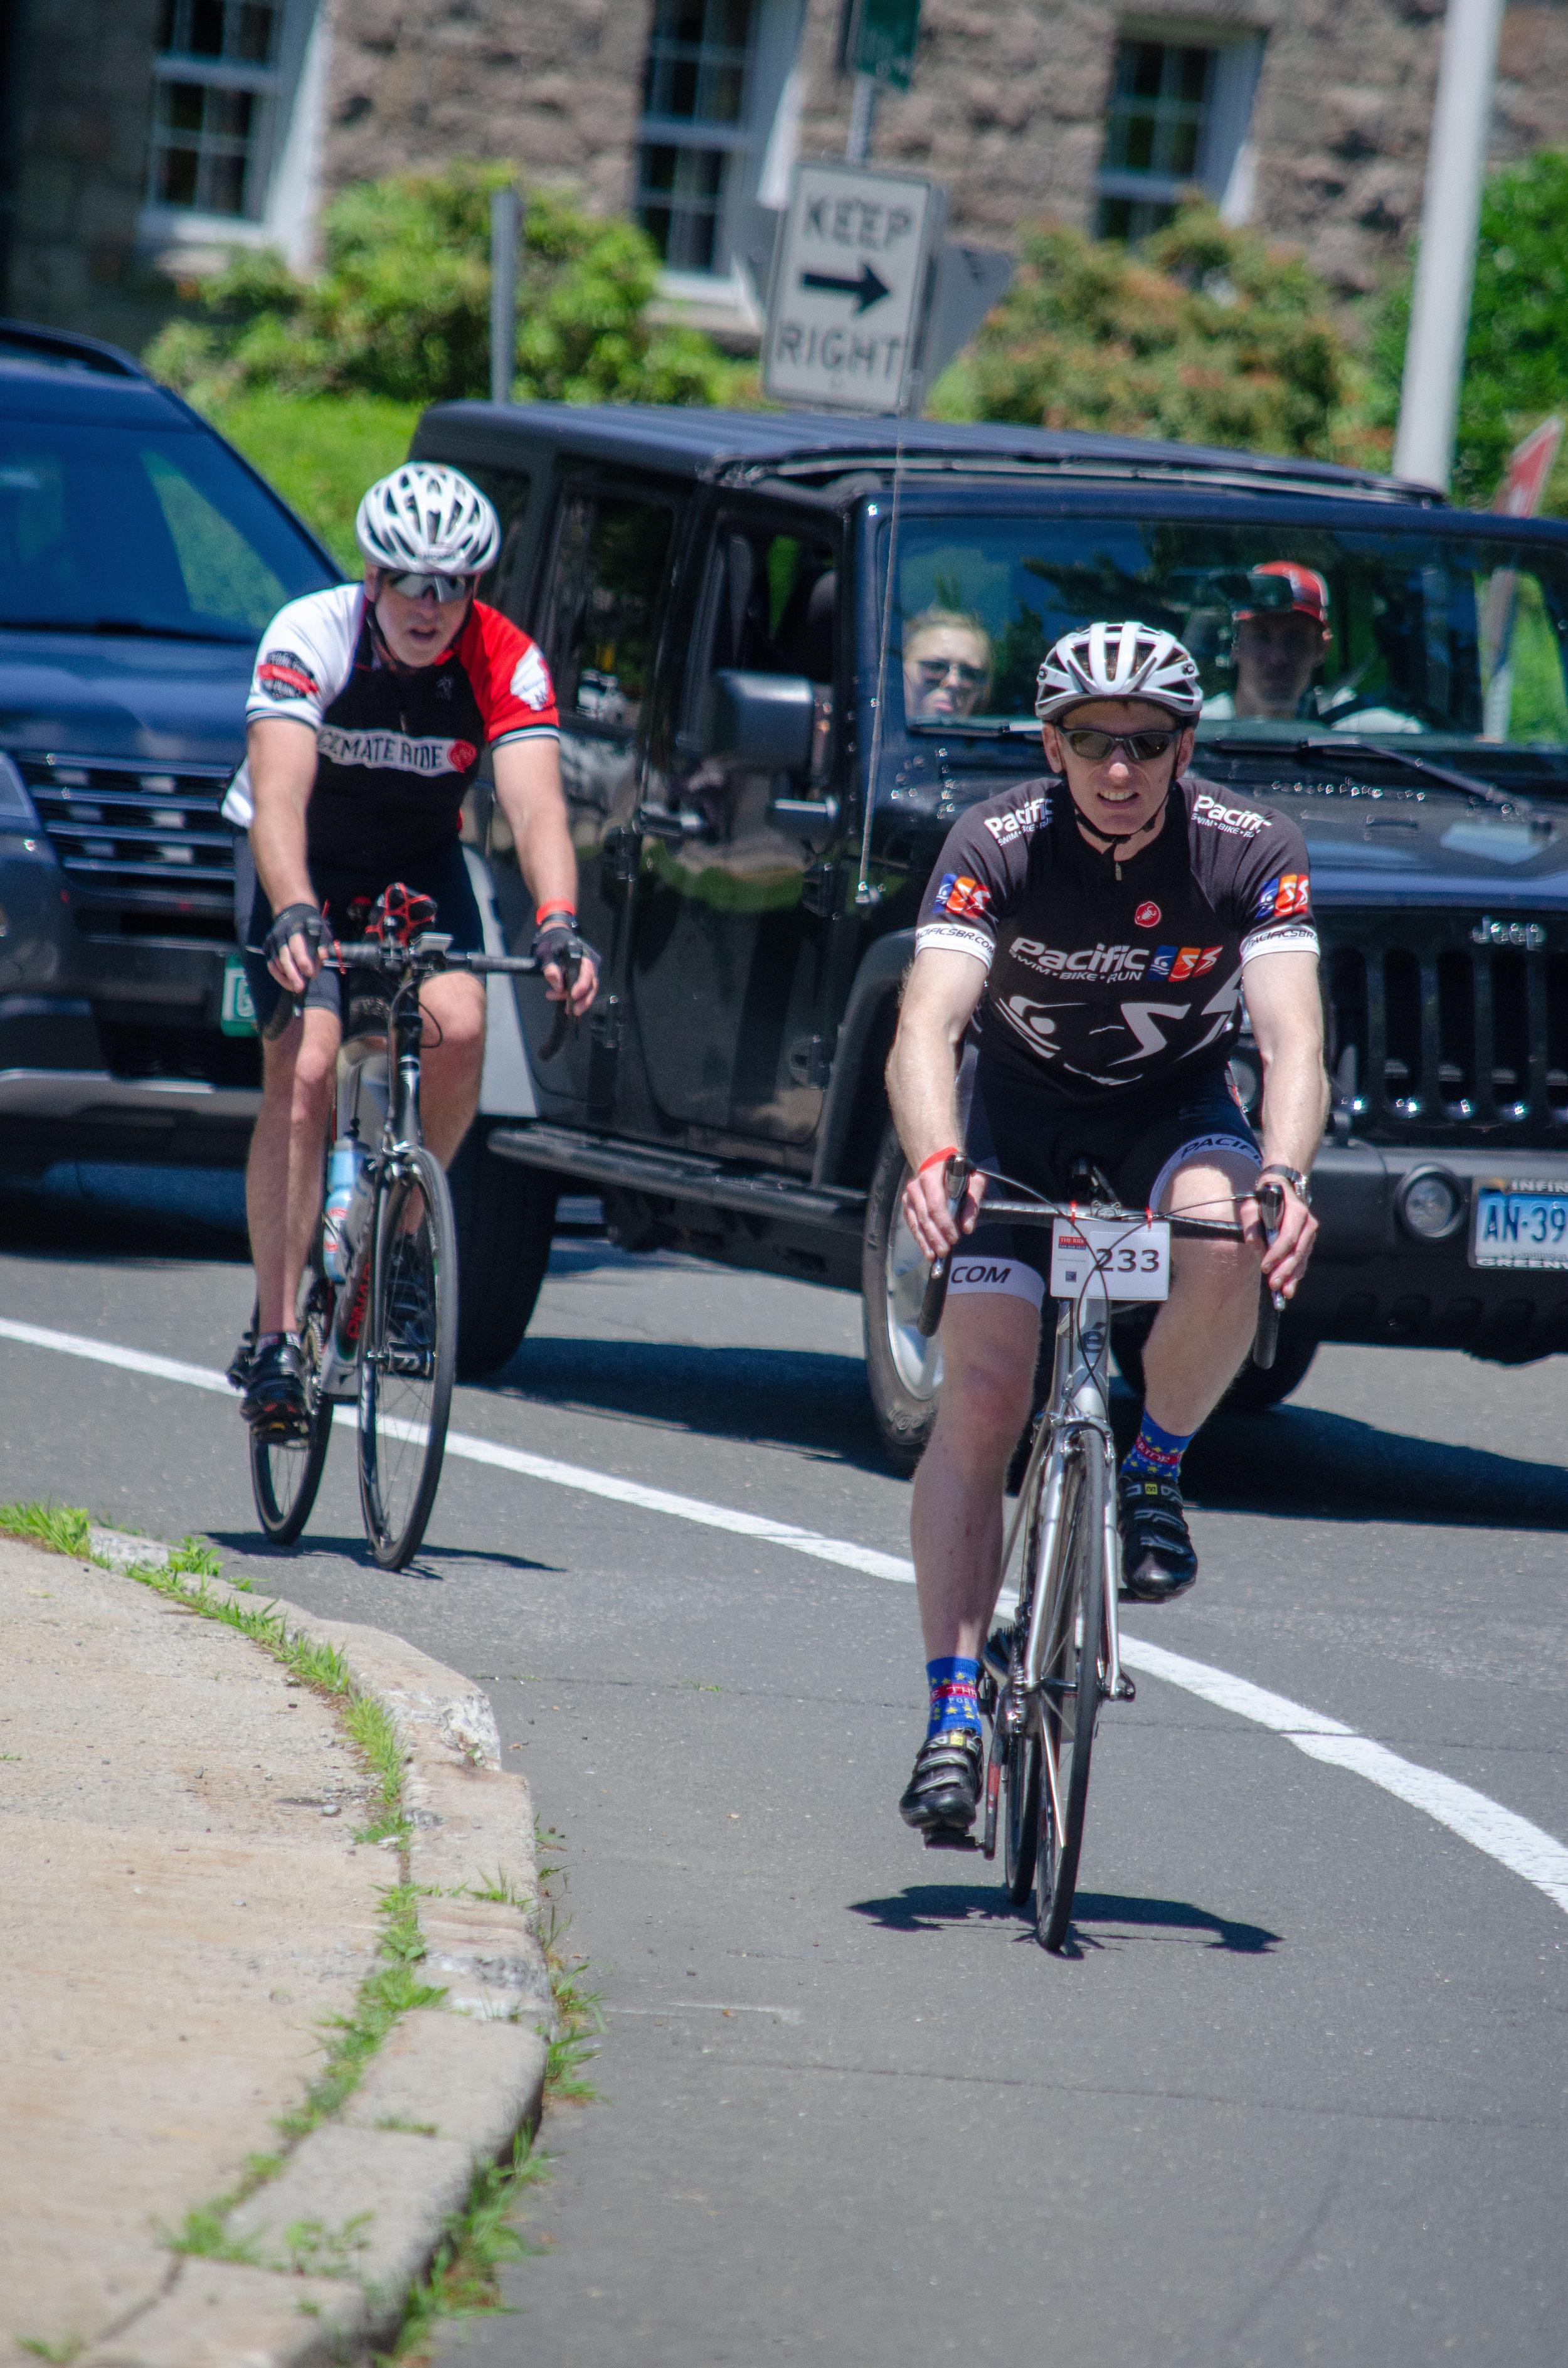 Riders_DSC_0951.jpg